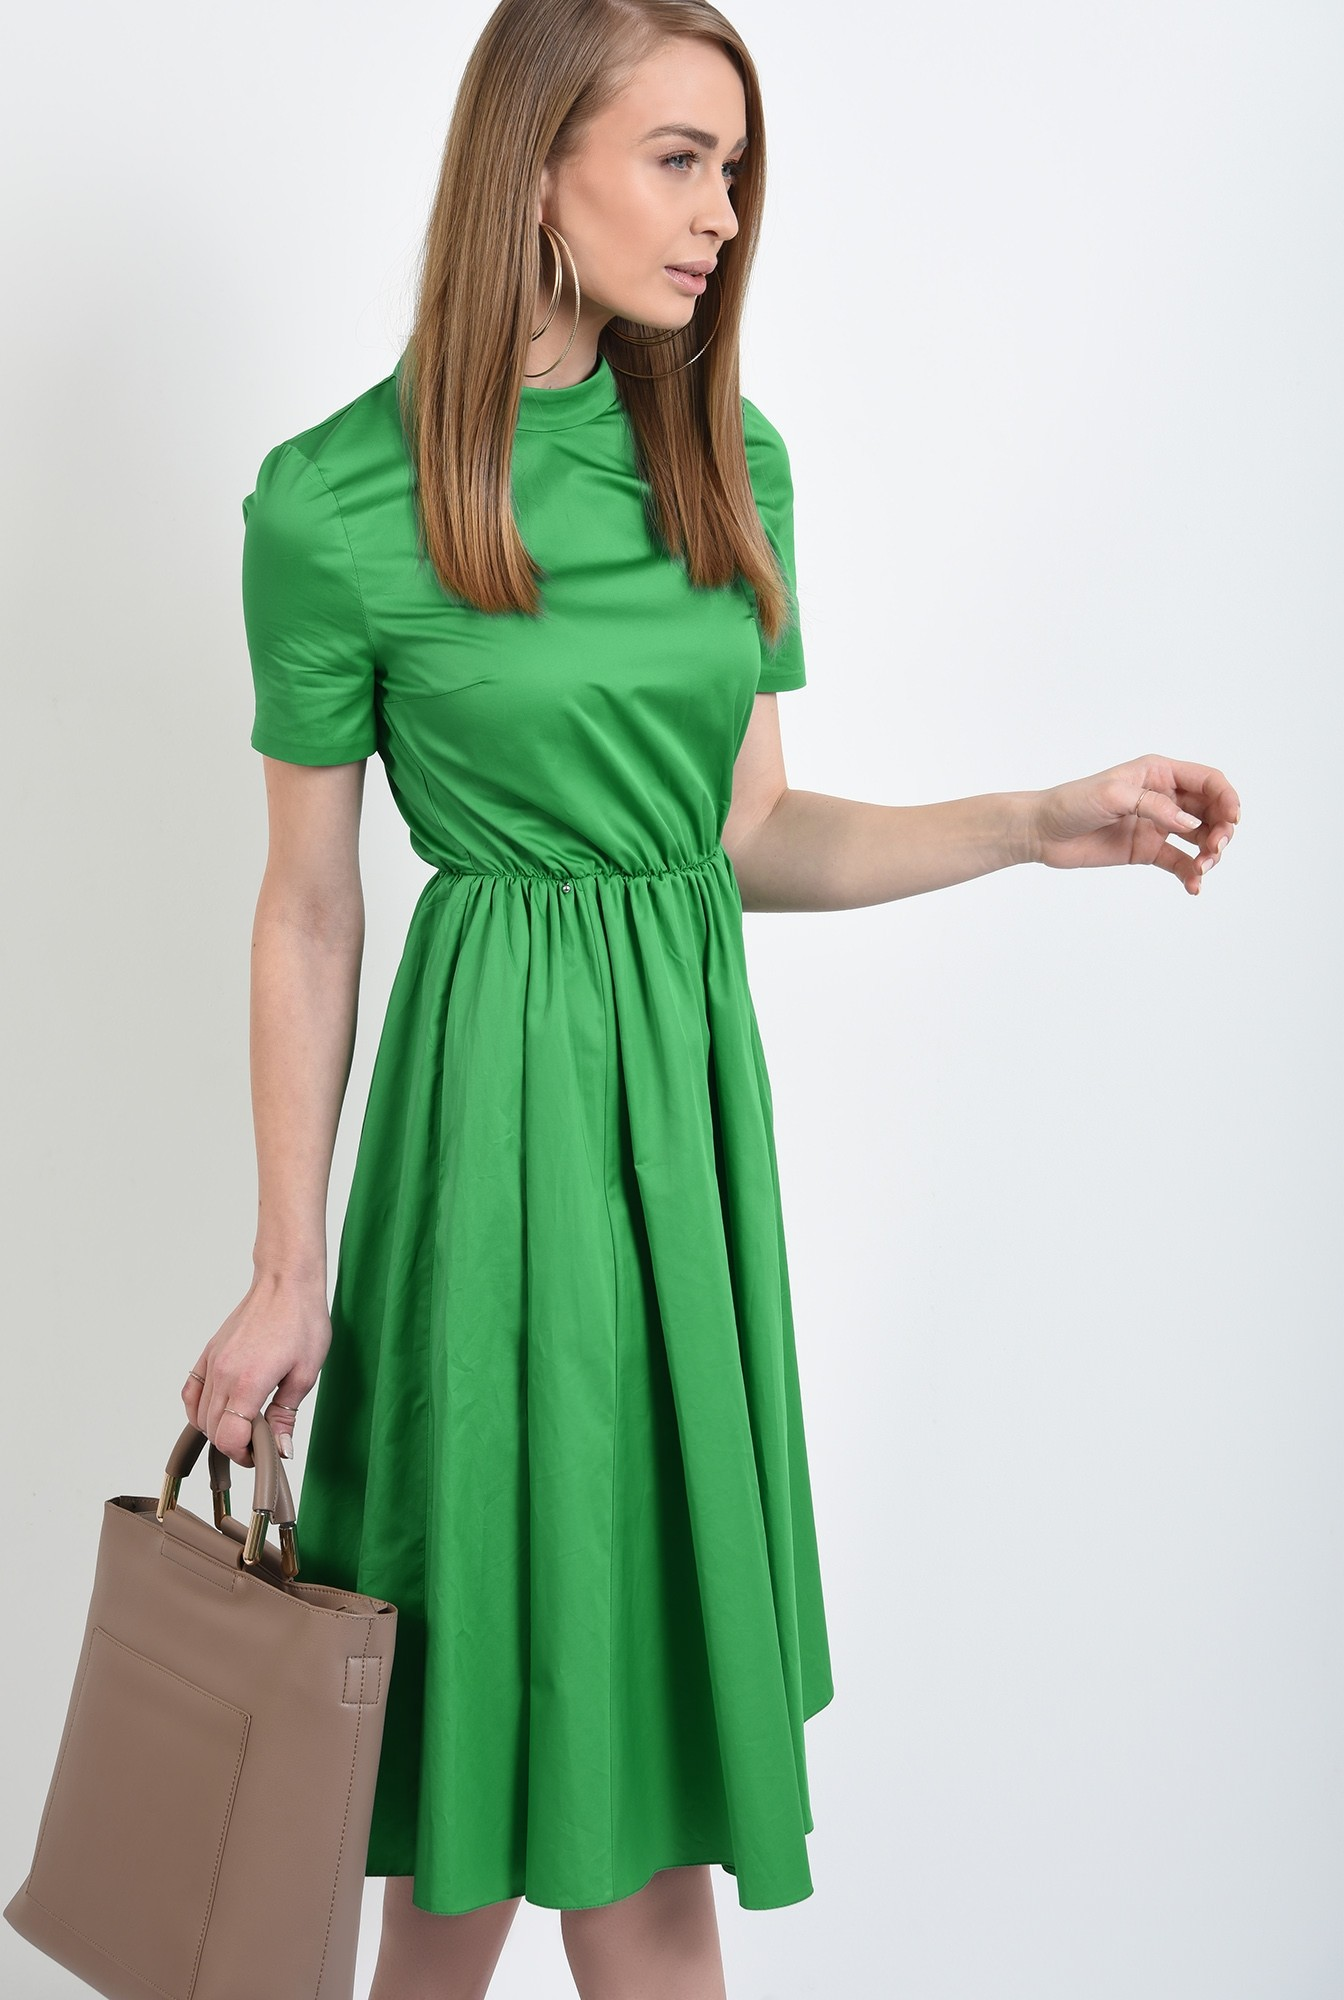 rochie midi, evazata, cu nasturi pe spate, cu guler, maneci scurte, rochie de primavara